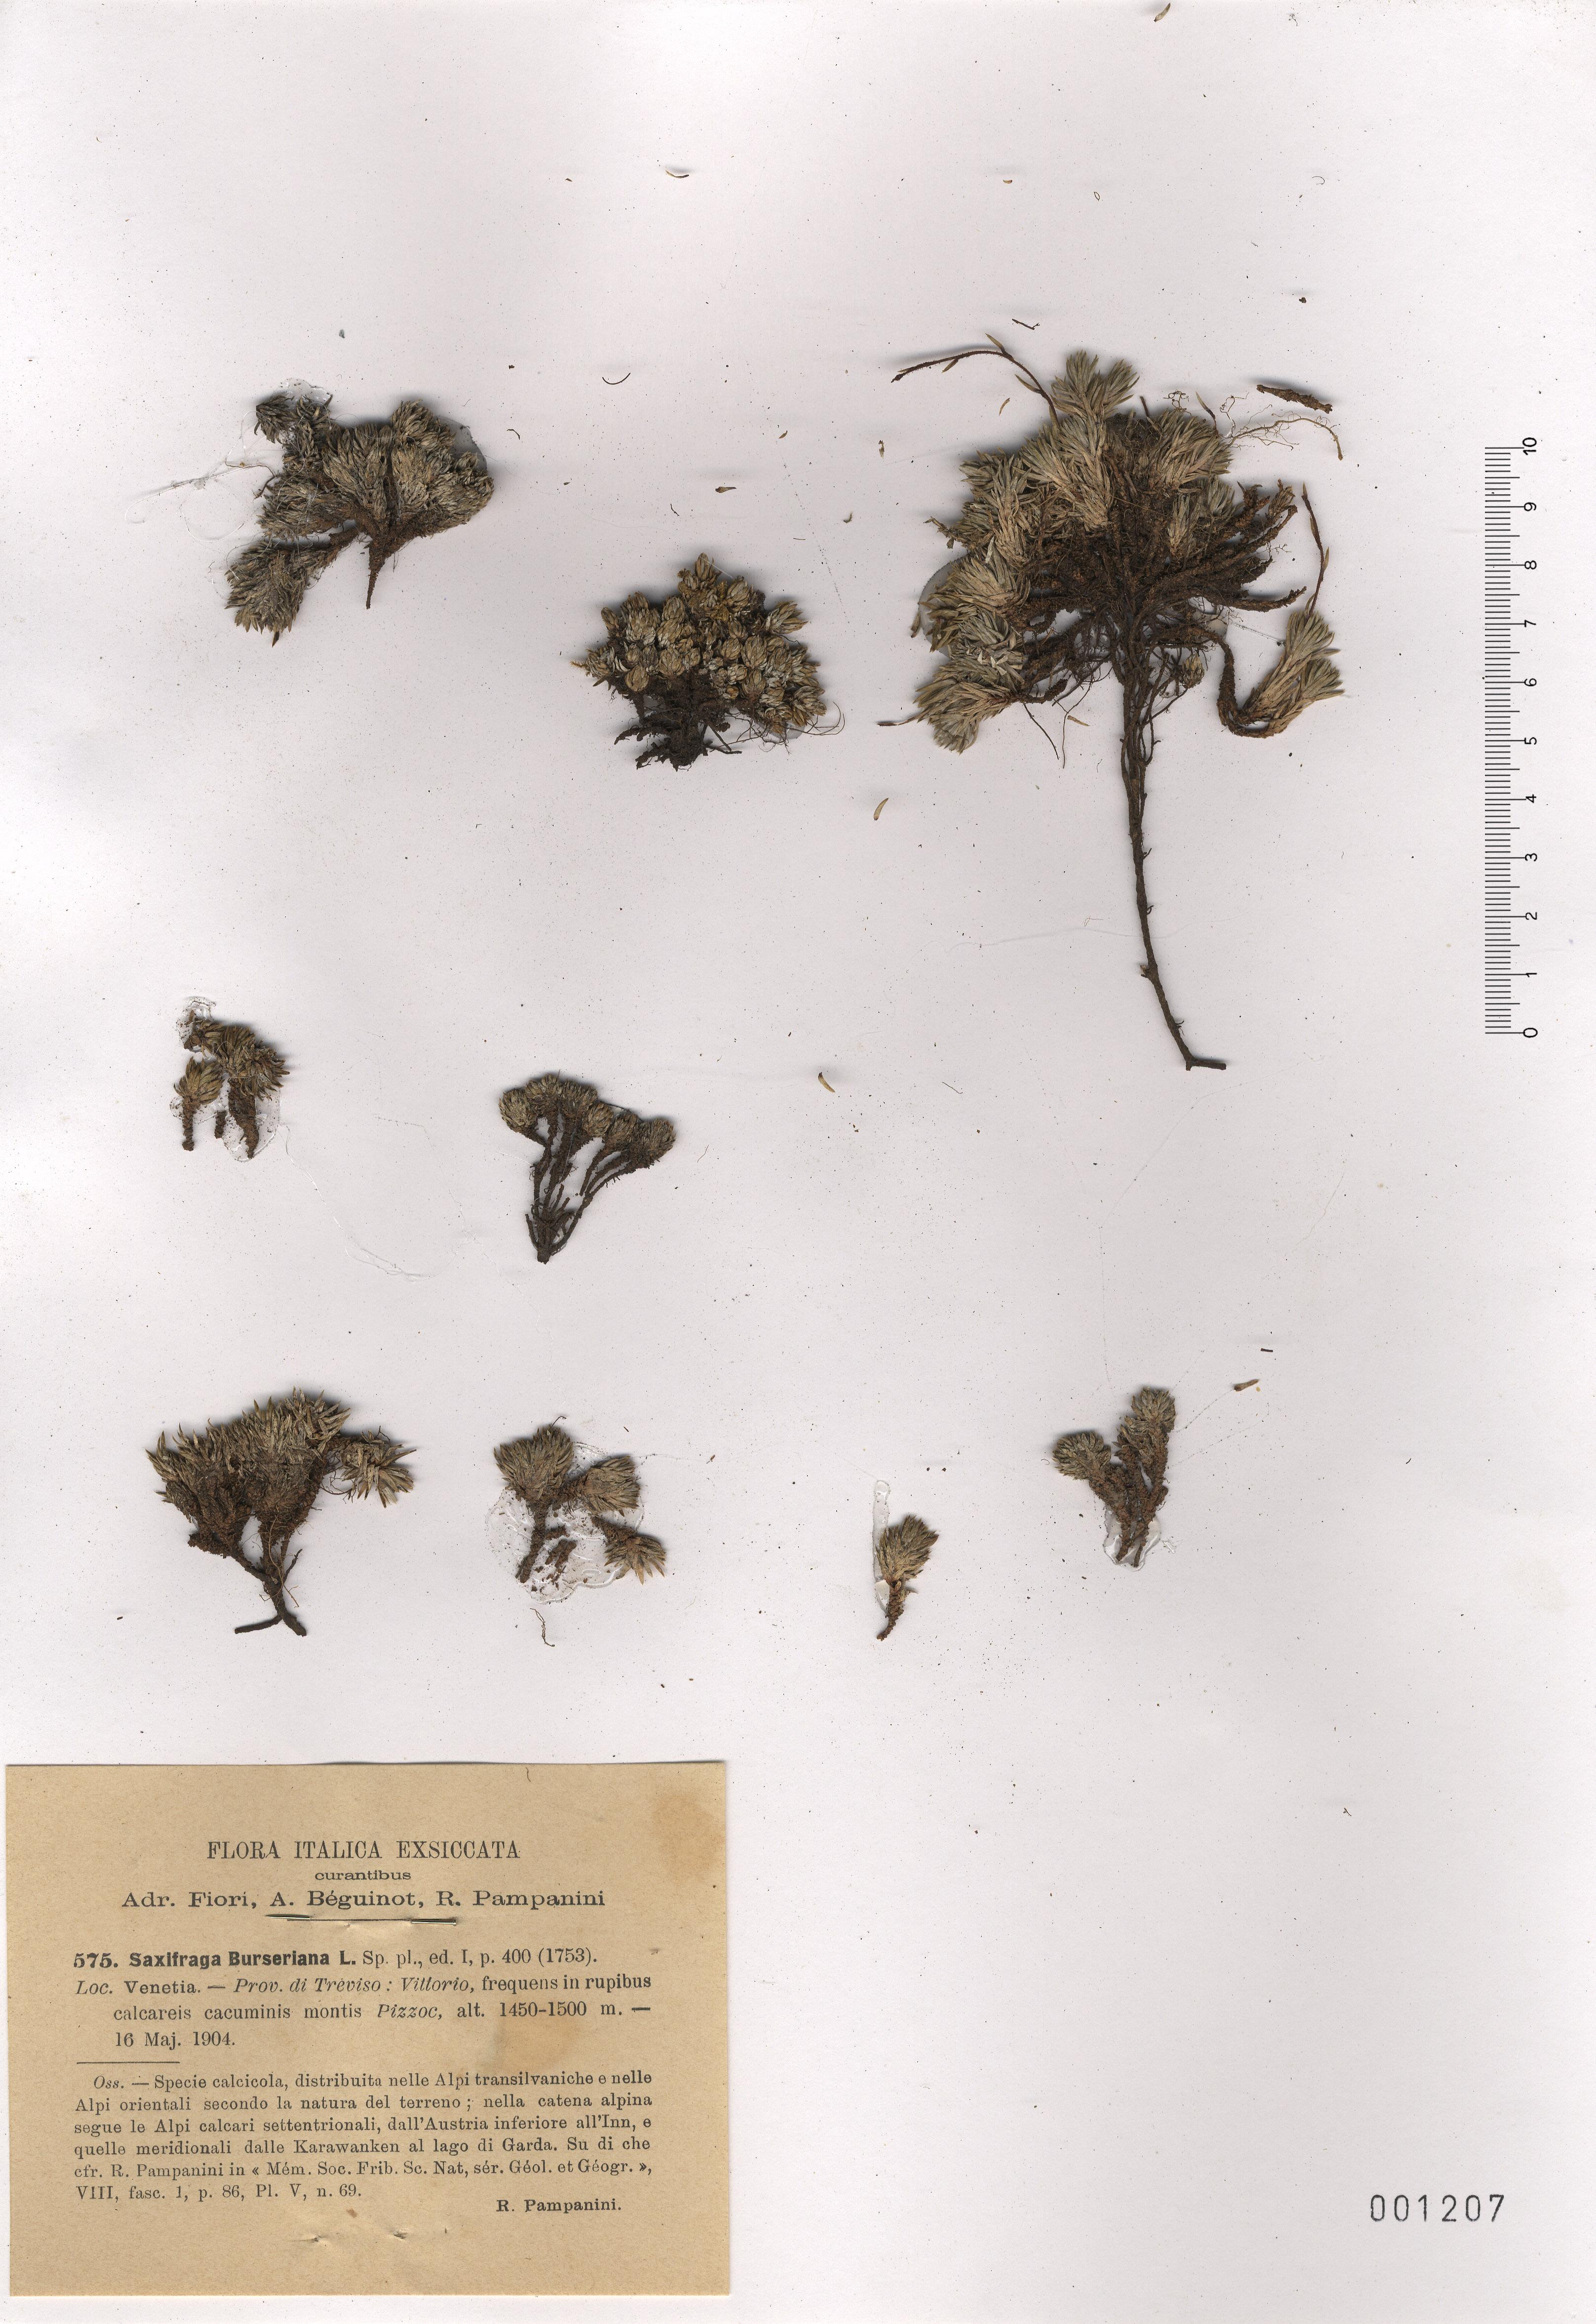 © Hortus Botanicus Catinensis - Herb. sheet 001207<br>